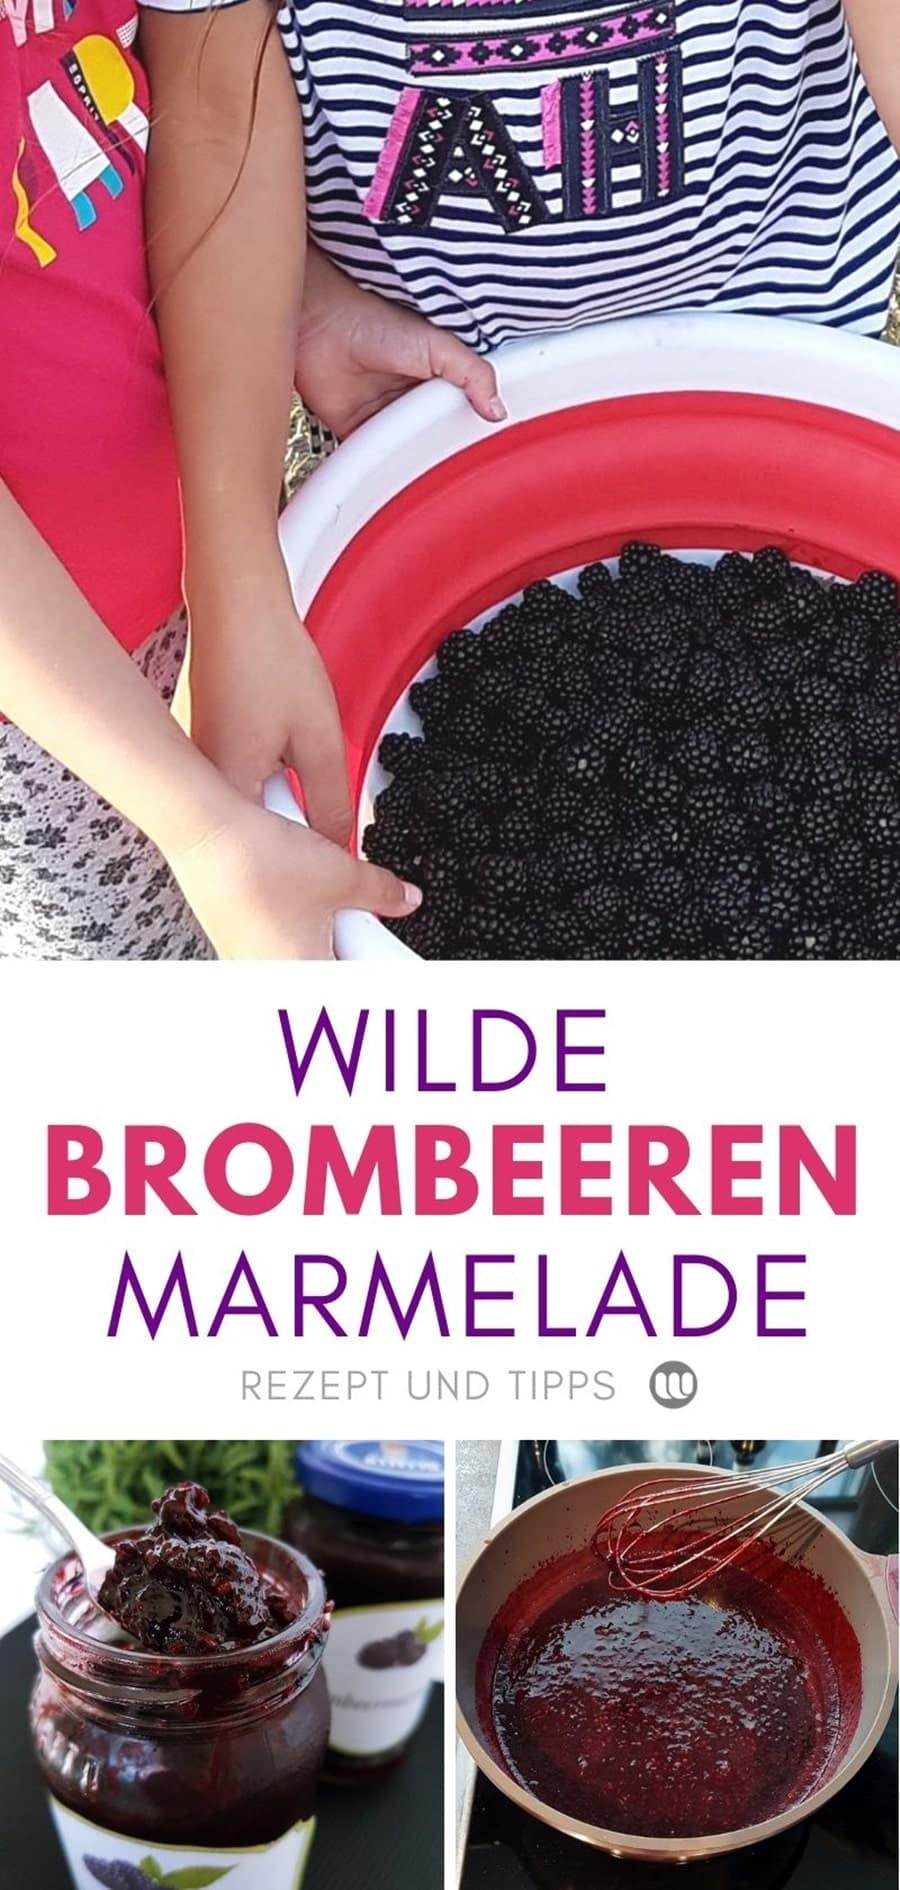 Die Brombeeren sind reif! Tipps zum Pflücken und ein köstliches Brombeermarmelade Rezept mit Zitrone Vanille aus wilden Brombeeren zum selber machen.